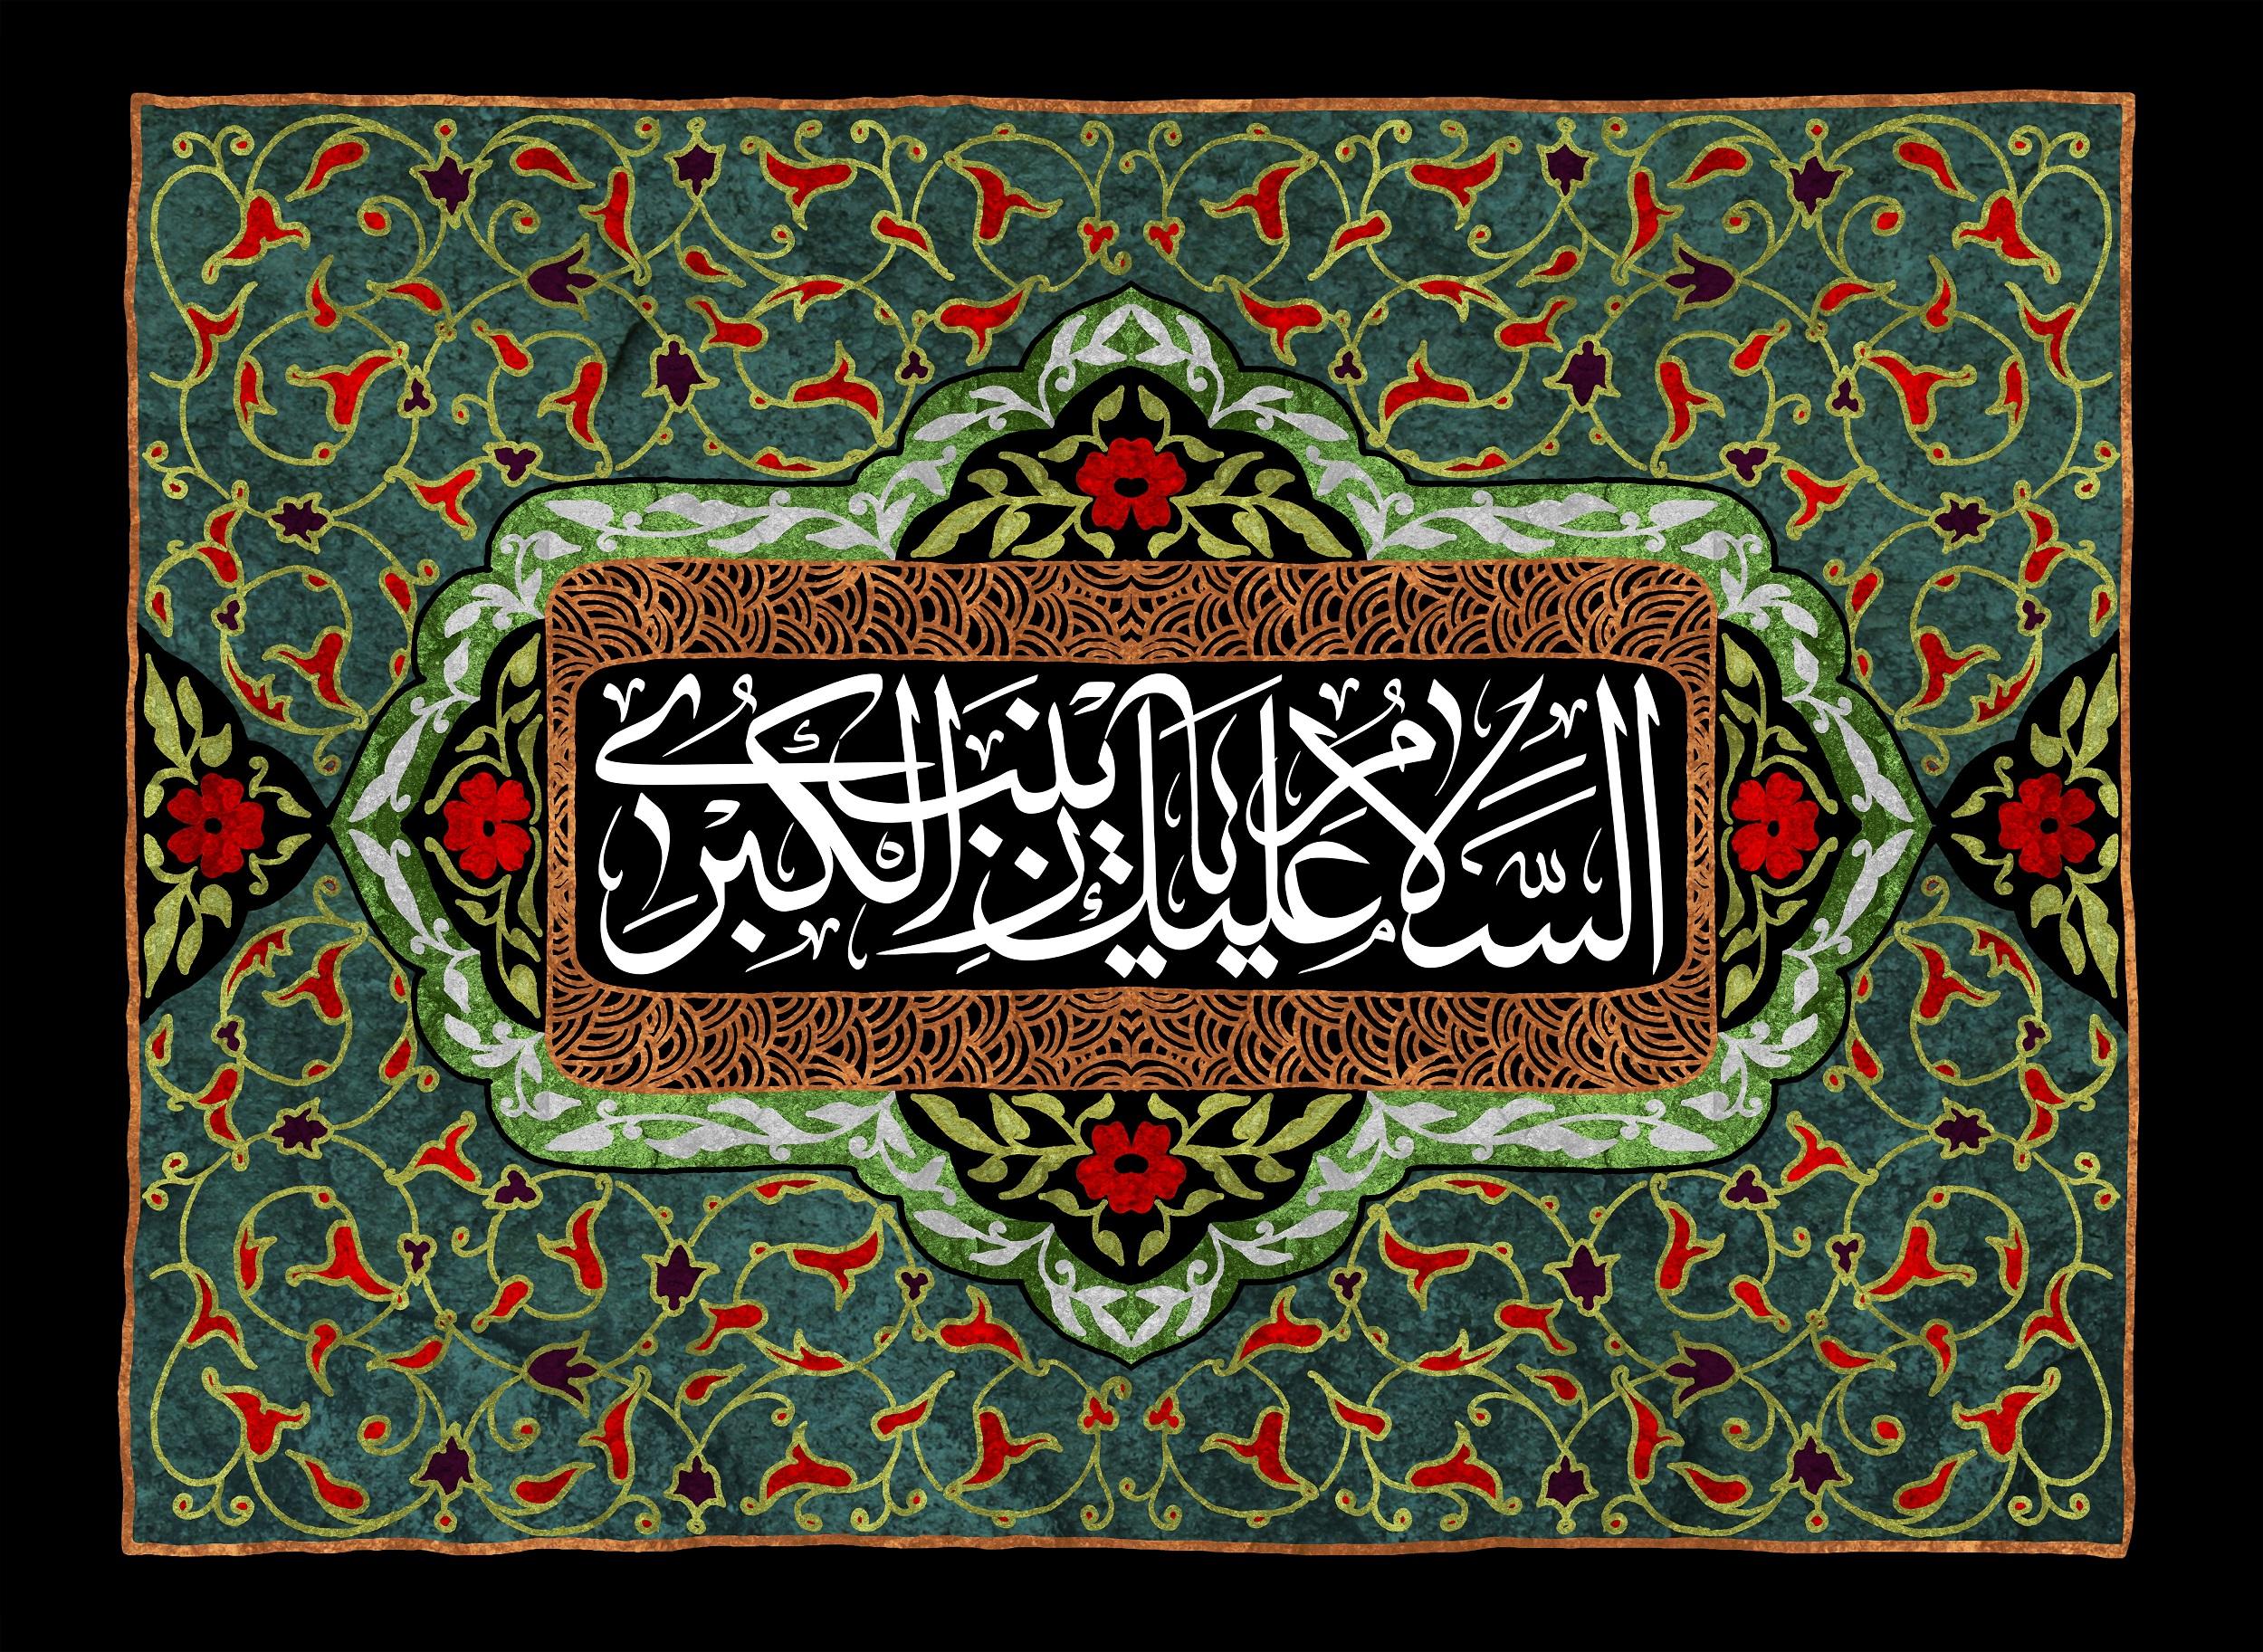 والپیپر وفات حضرت زینب (س)